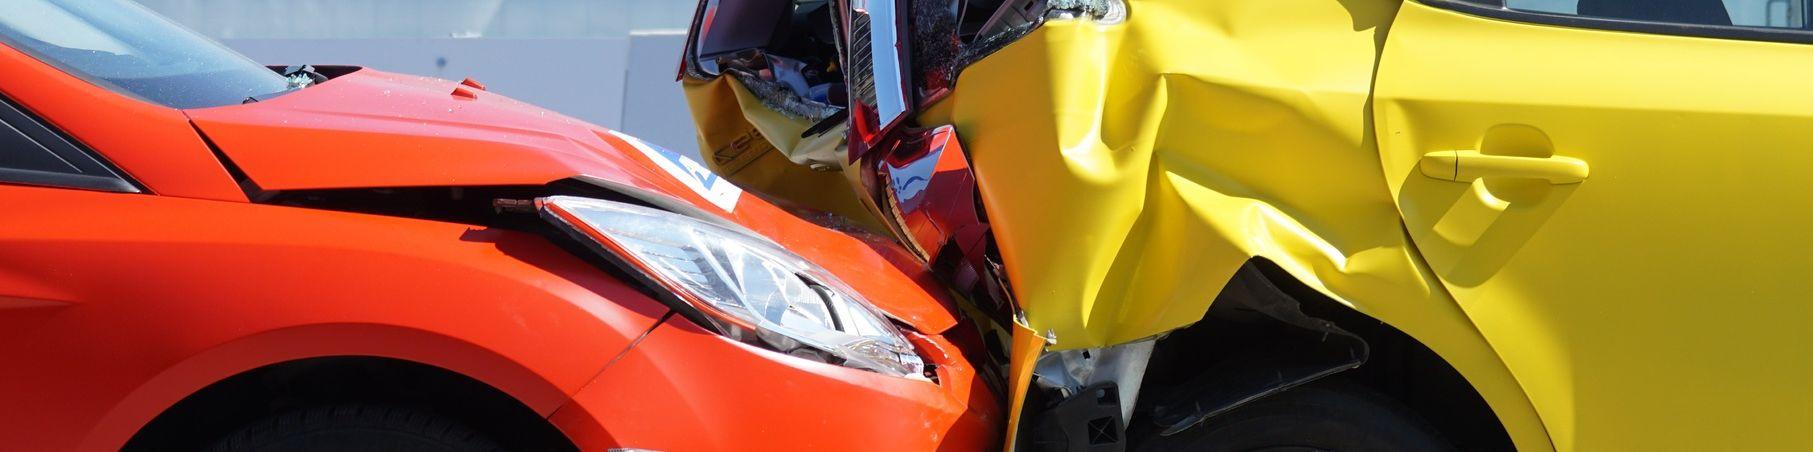 verkeersongevallen door hitte stijgt slachtoffer